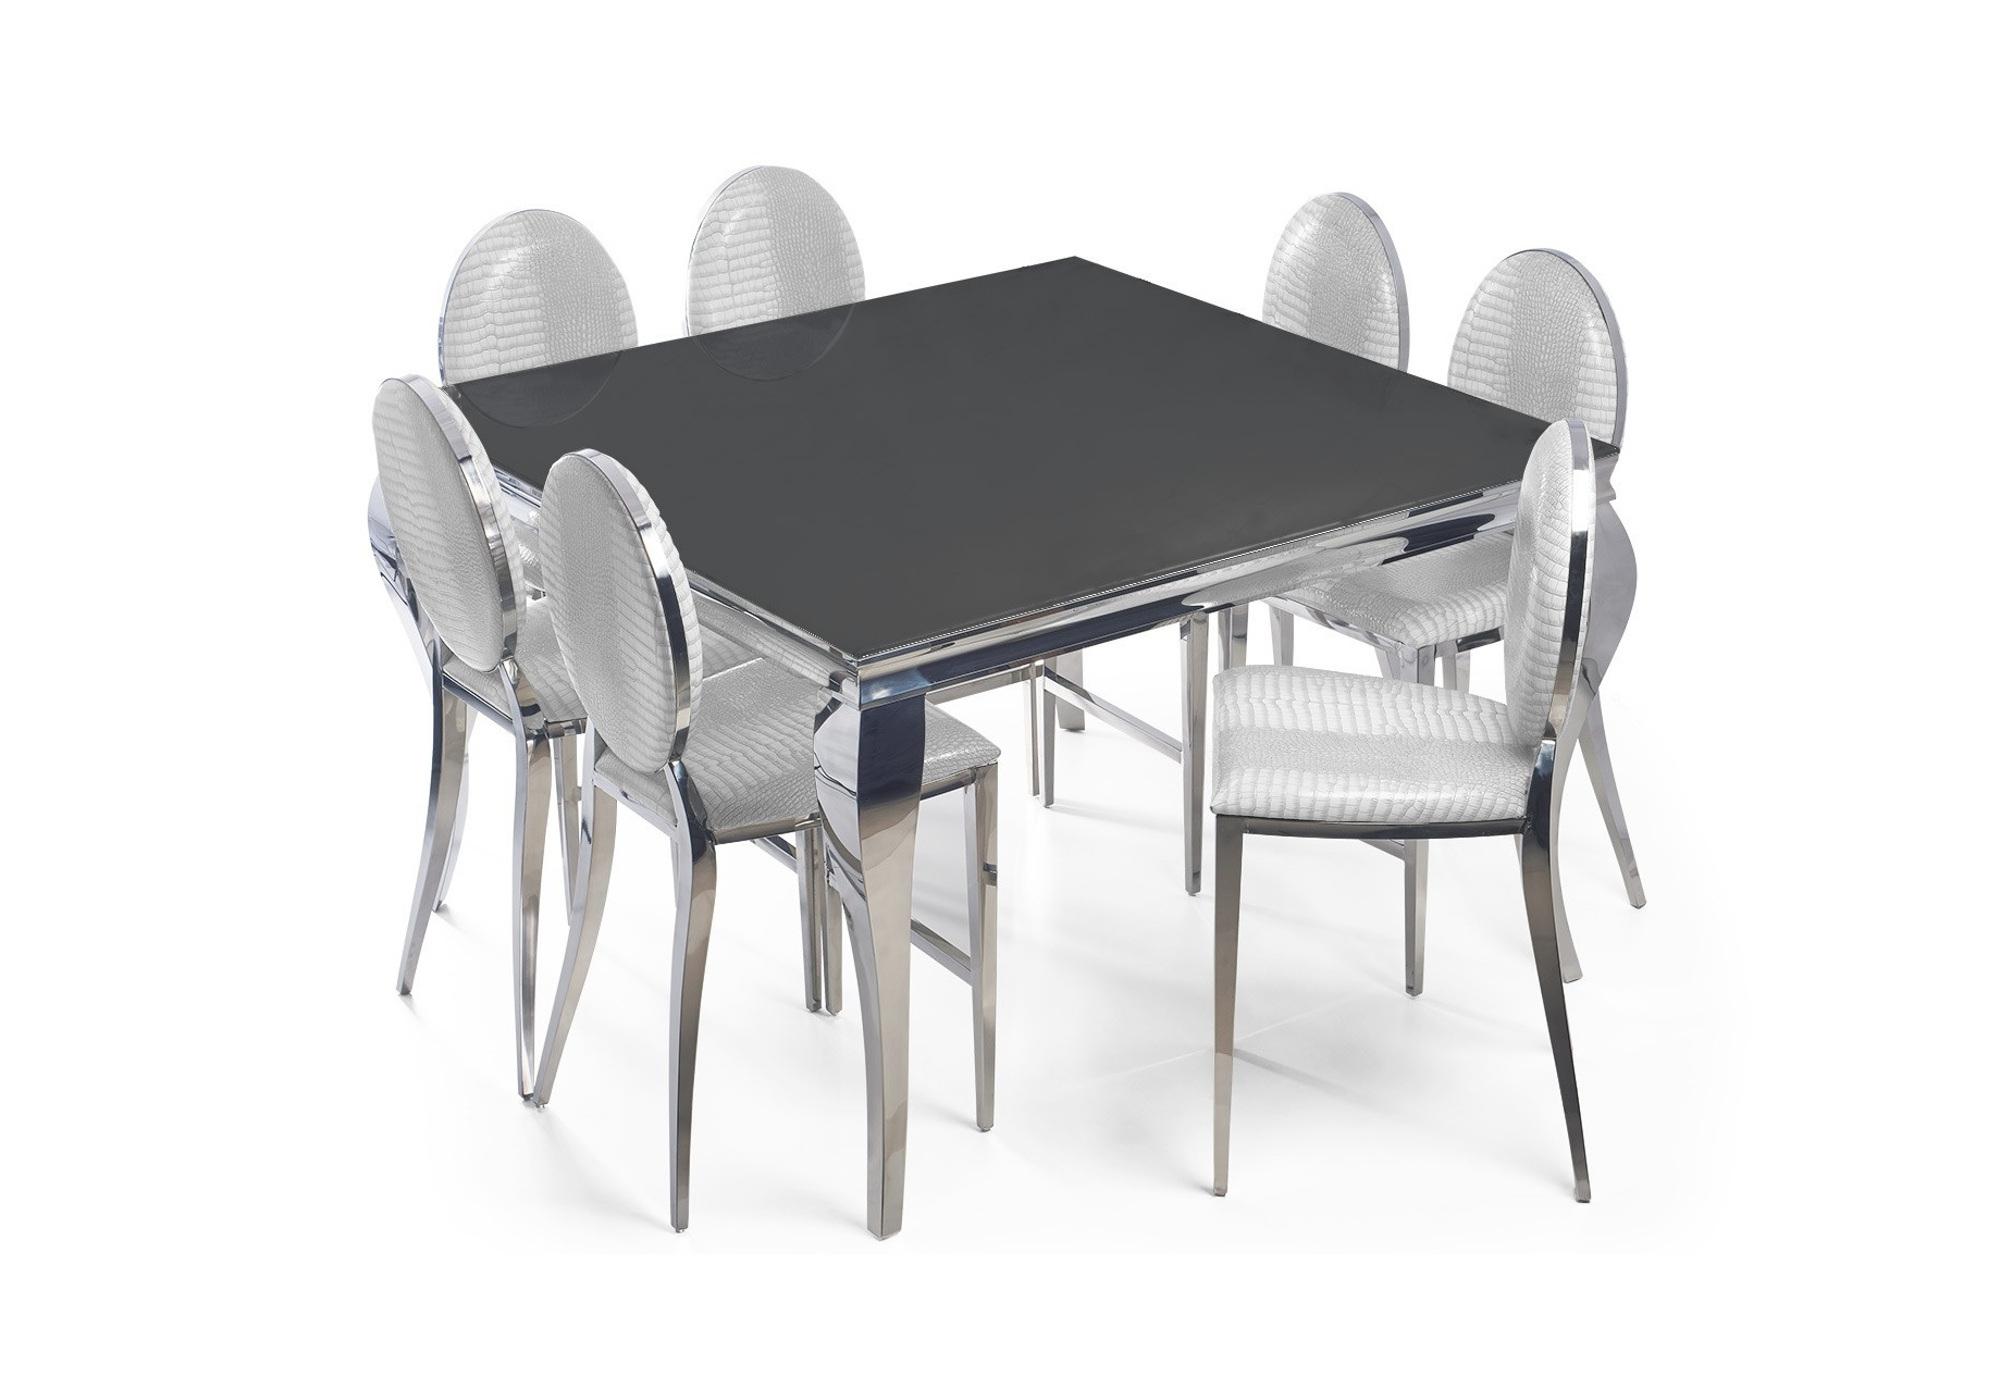 Table carré argenté noir 4 chaises blanc NEO